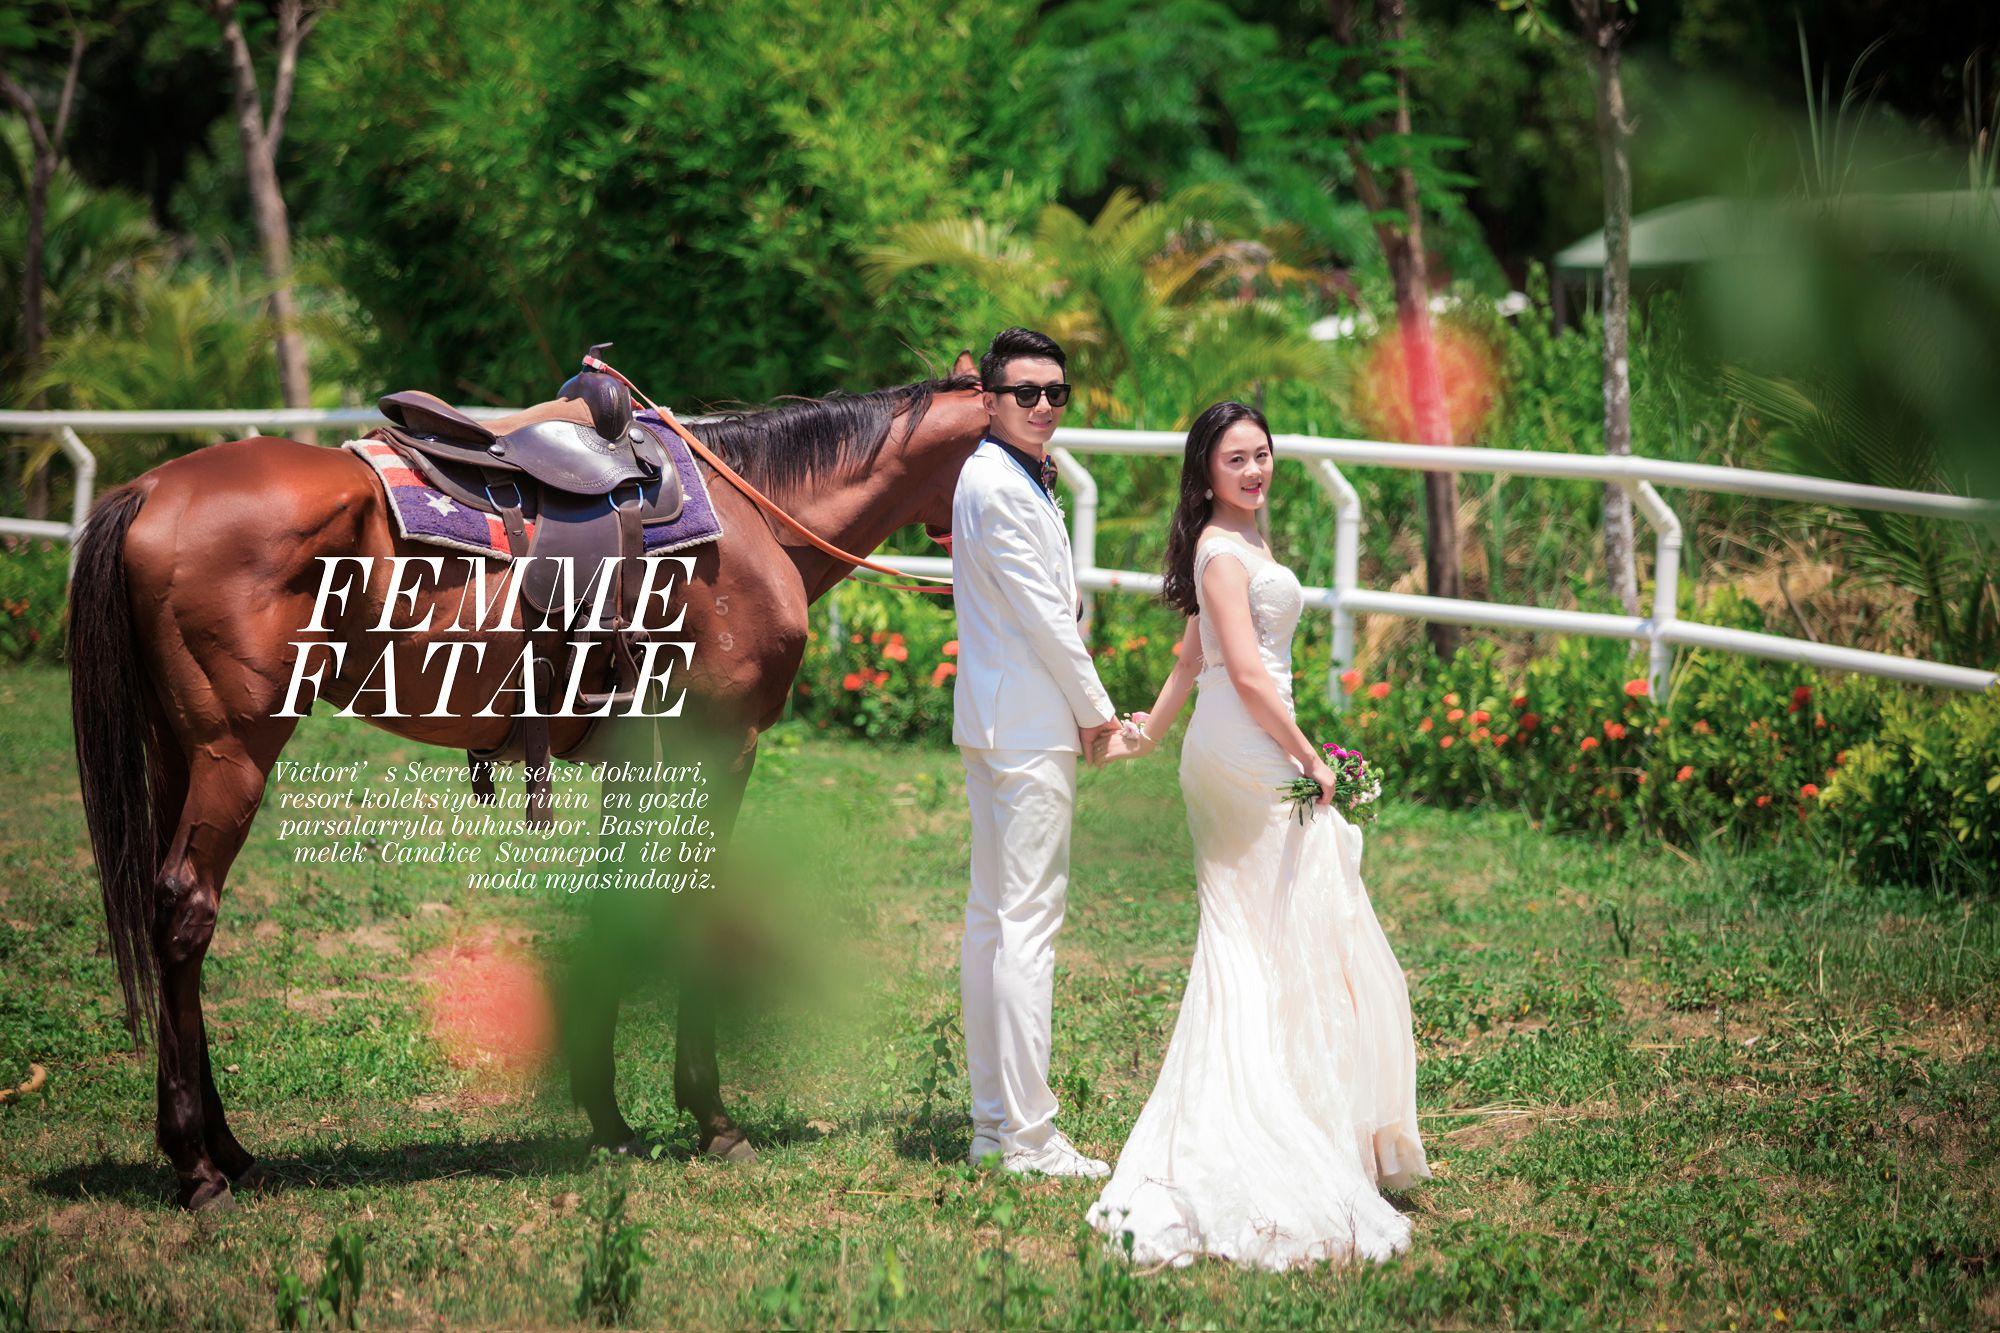 西式婚礼花门如何挑选,不同类型花门的优缺点